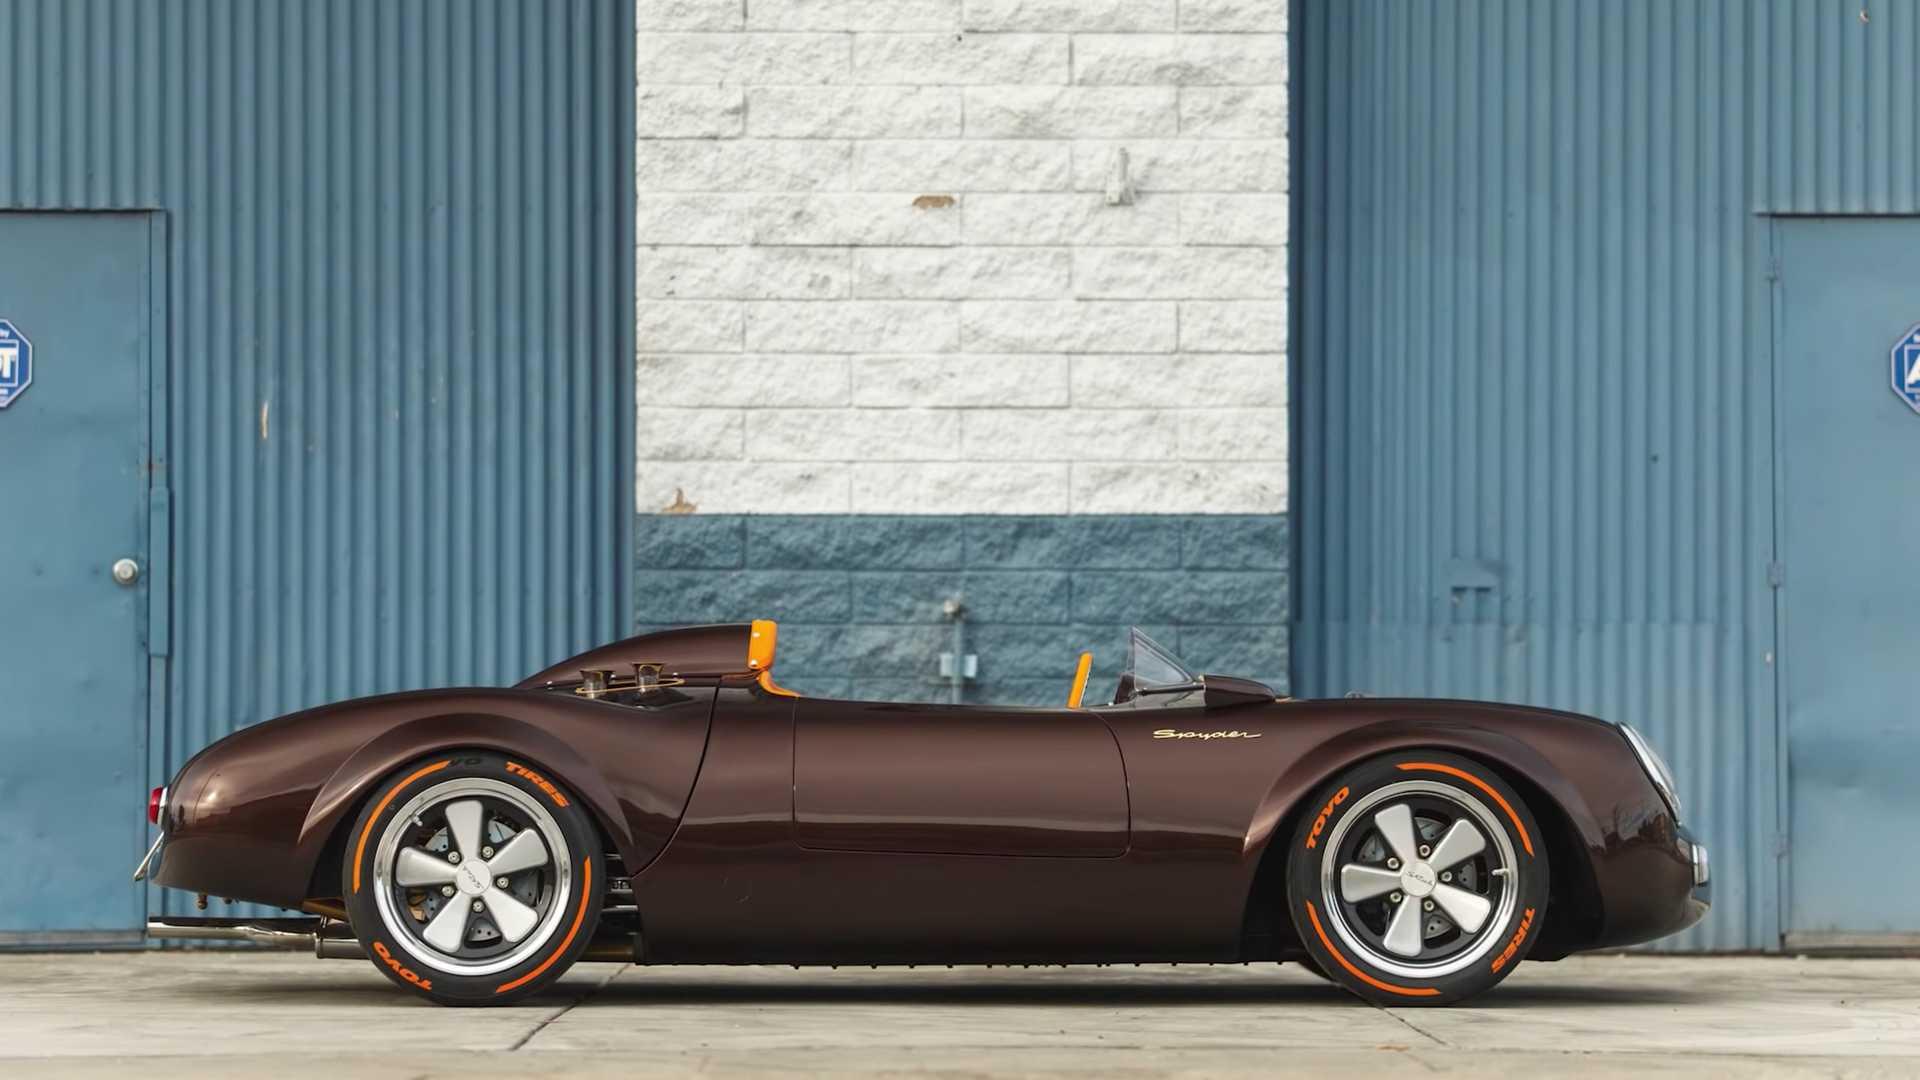 Американцы построили реплику Porsche с единственным креслом по центру 1